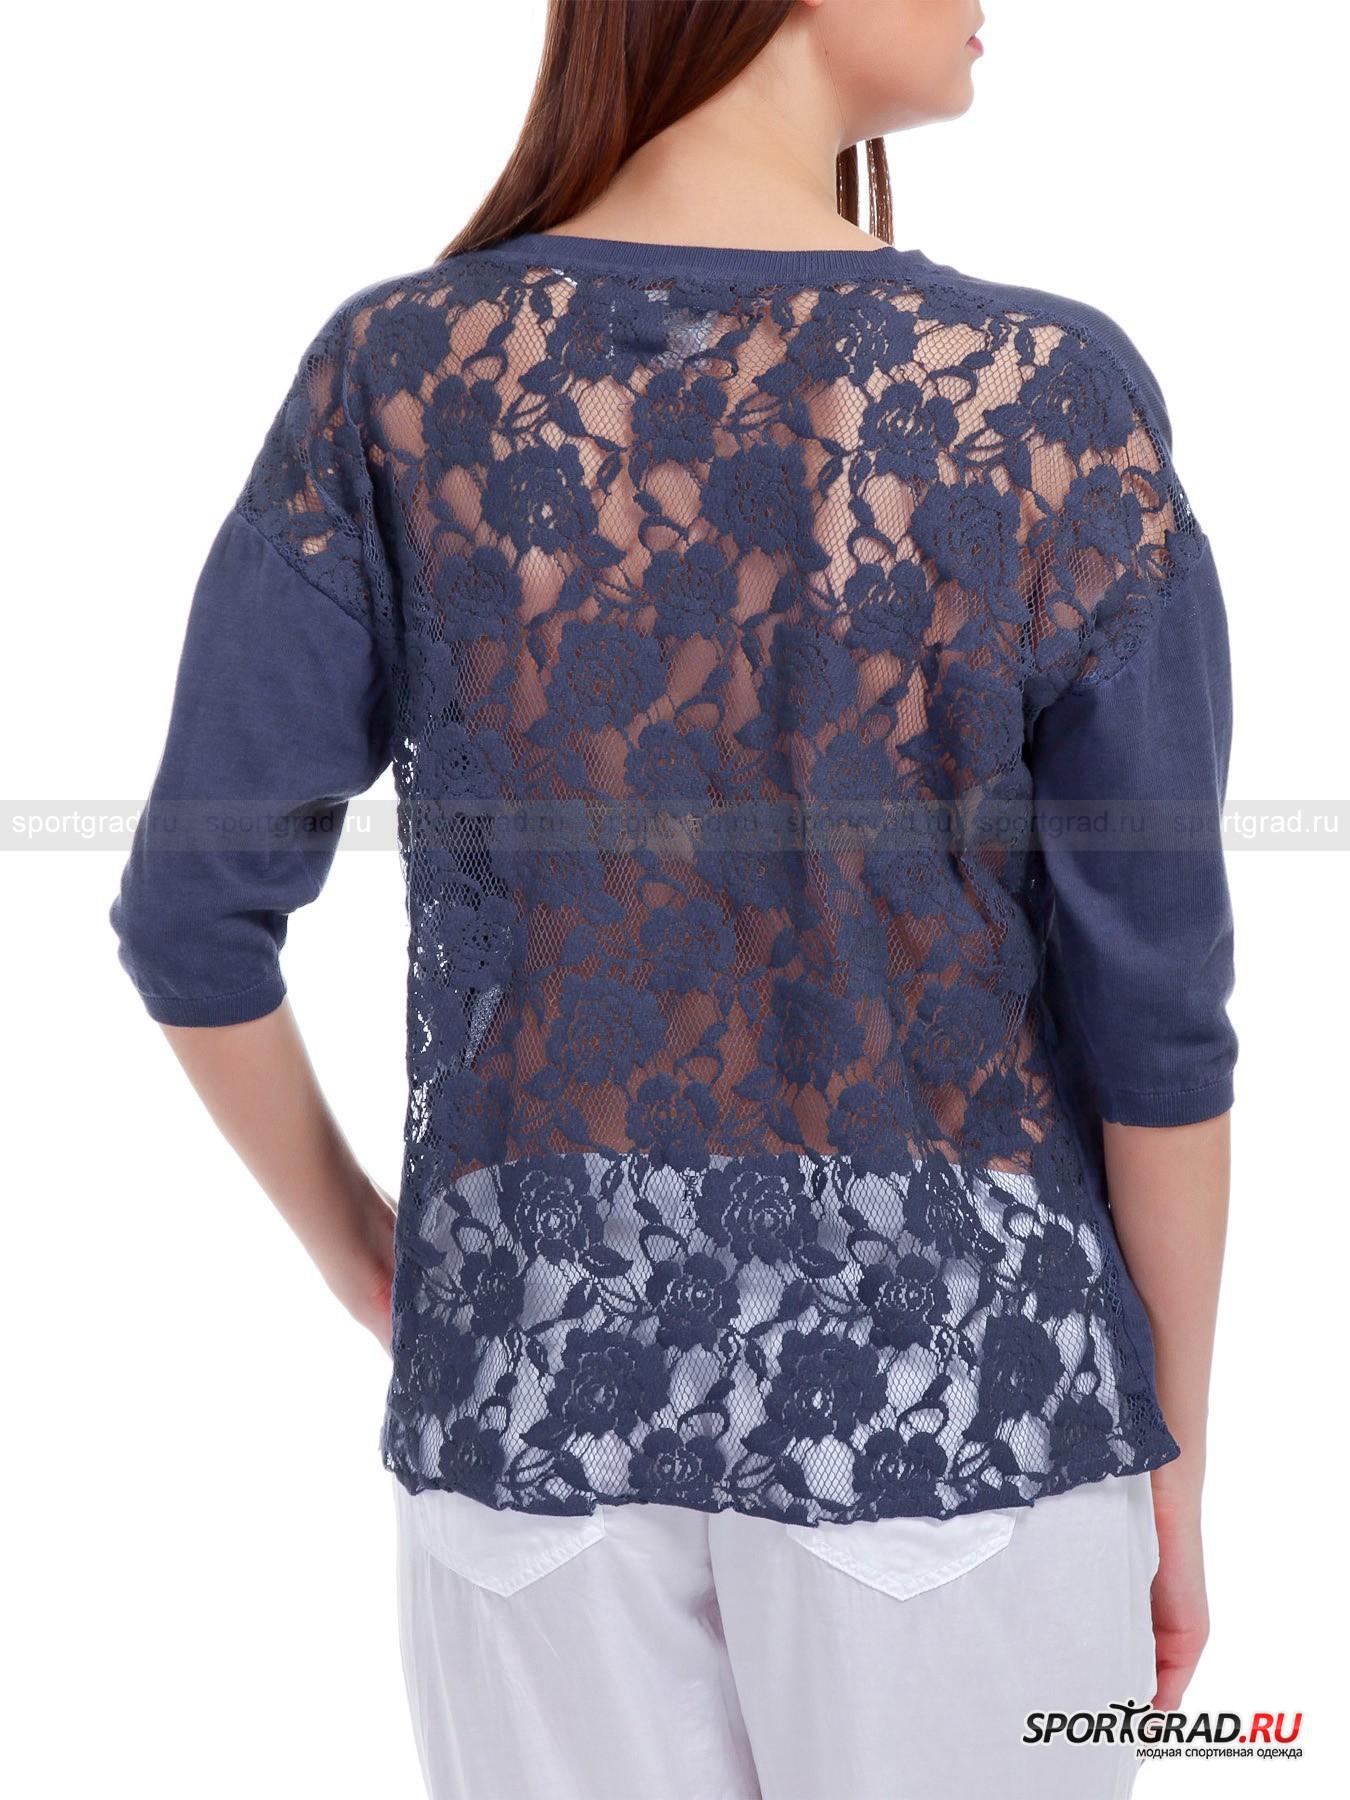 Джемпер женский легкий  Sweater  DEHA с кружевной спинкой